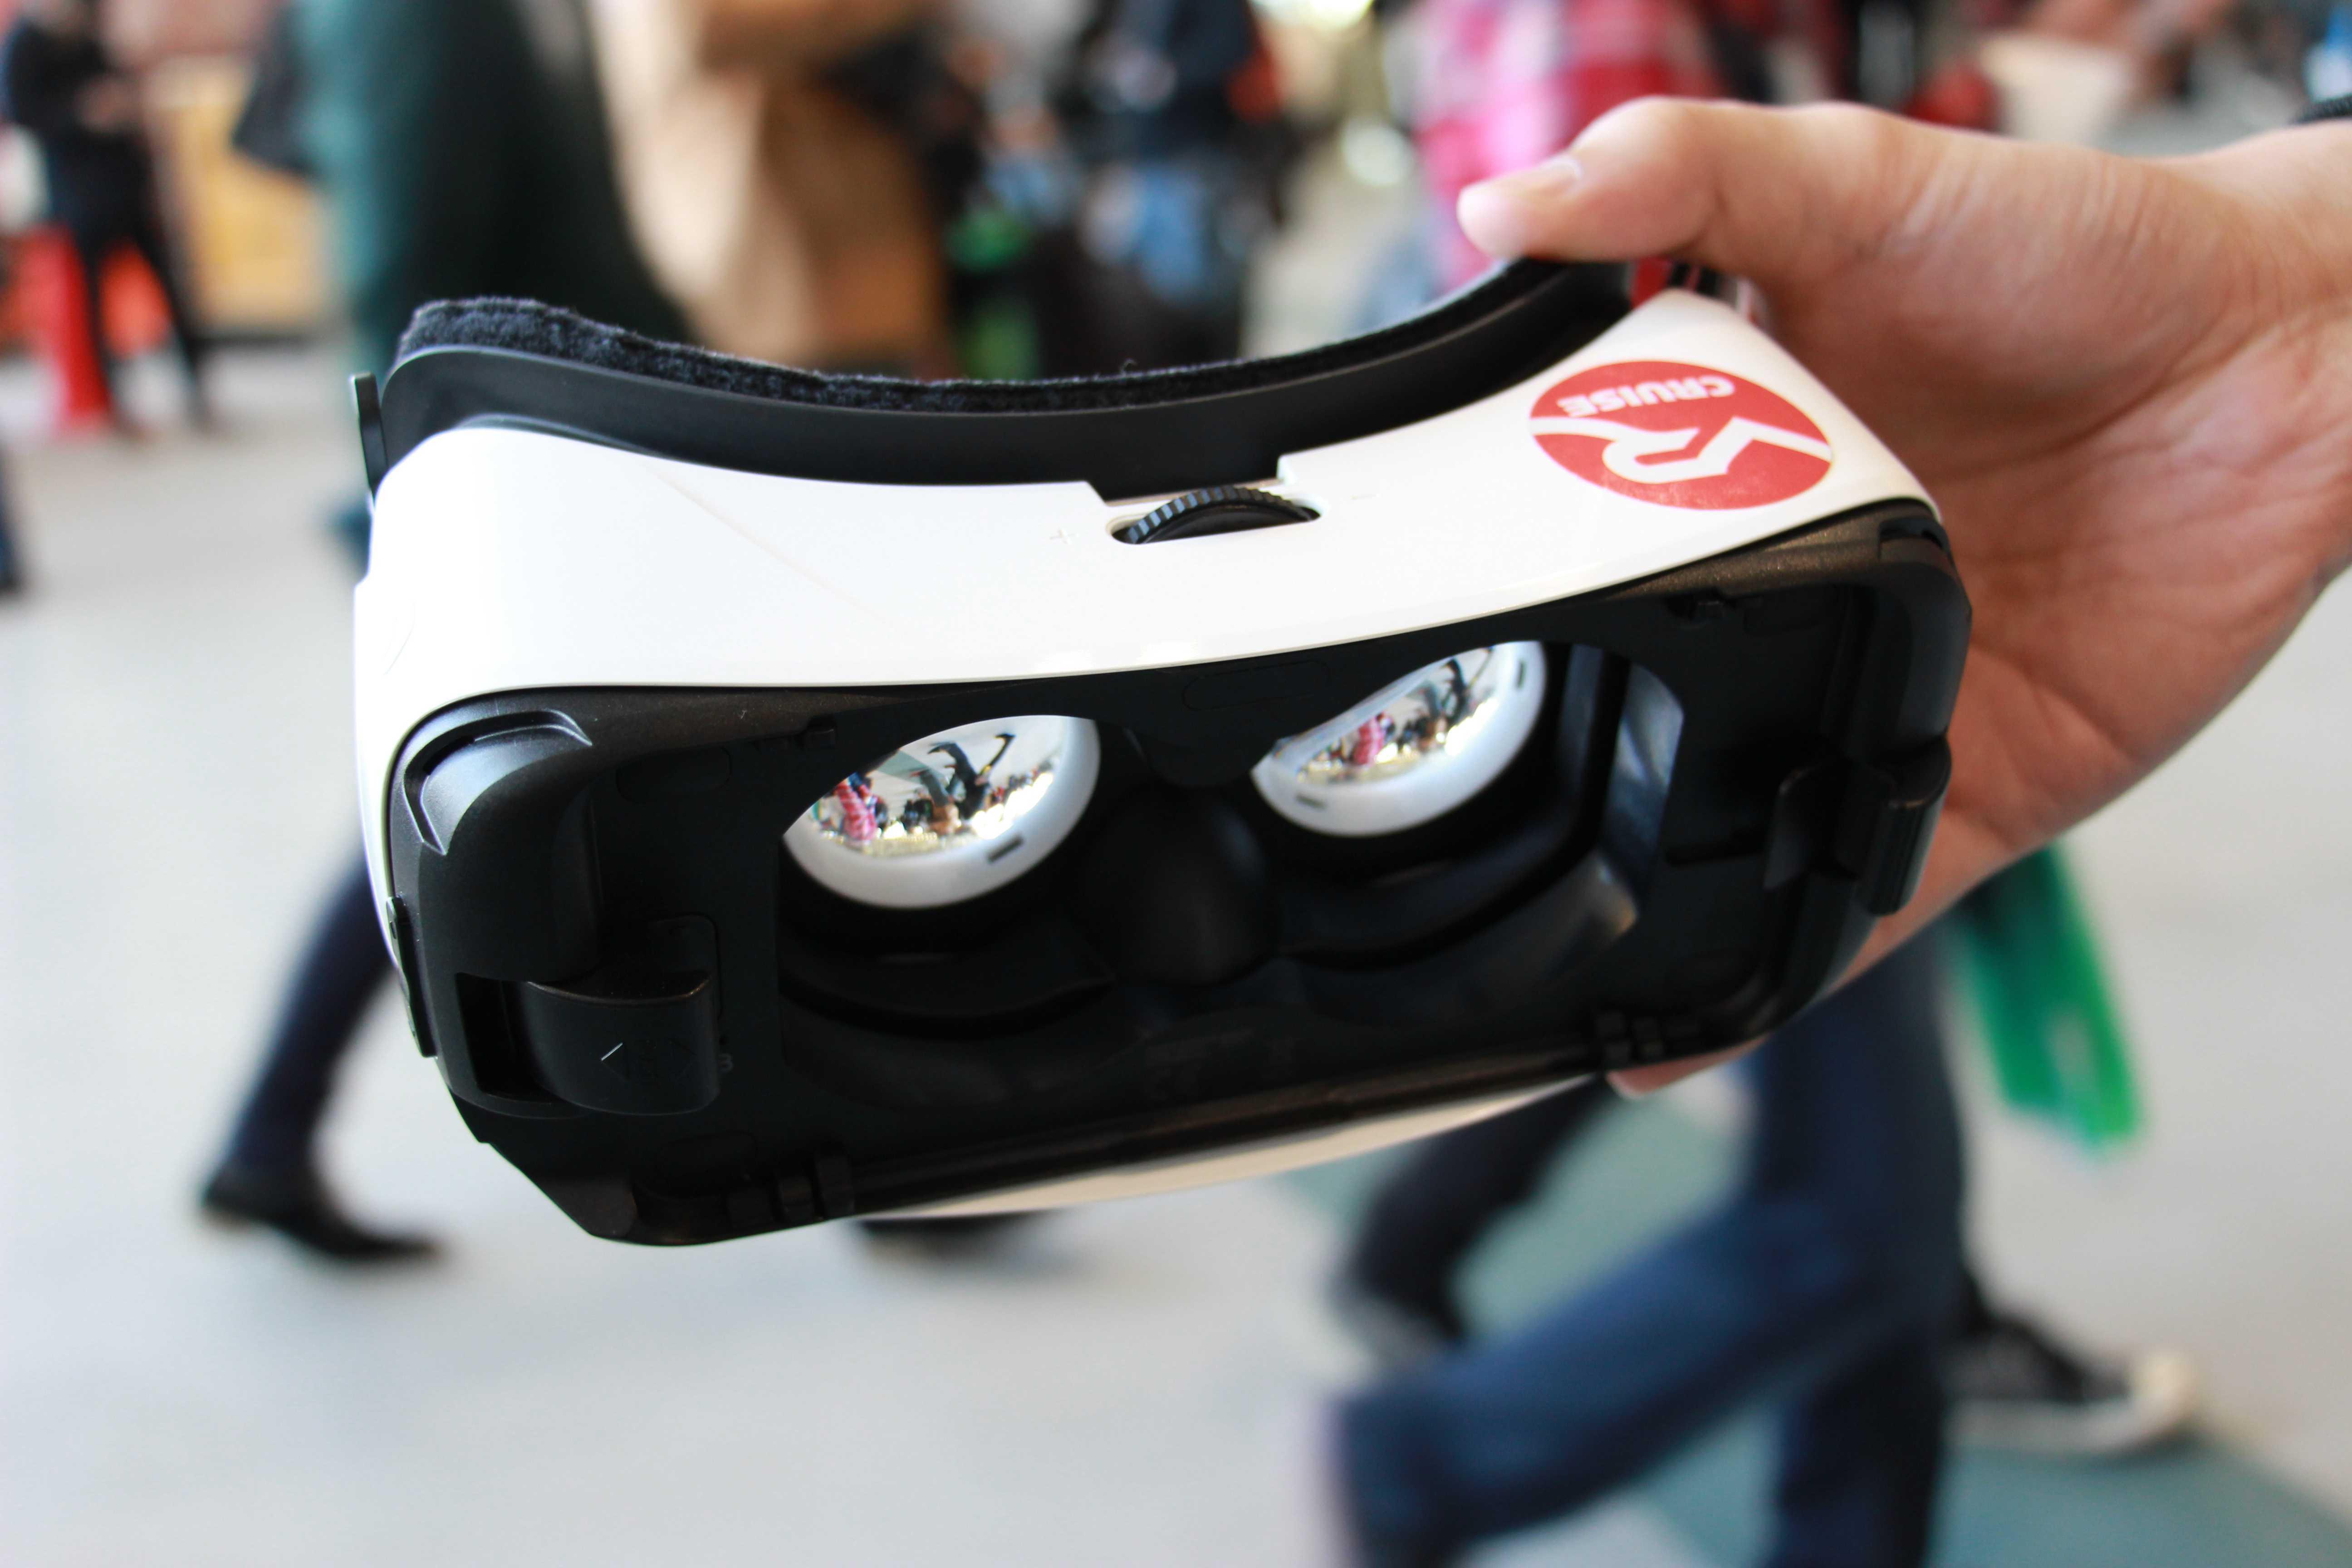 サムスン社製ヘッドマウントディスプレイ「Gear VR」